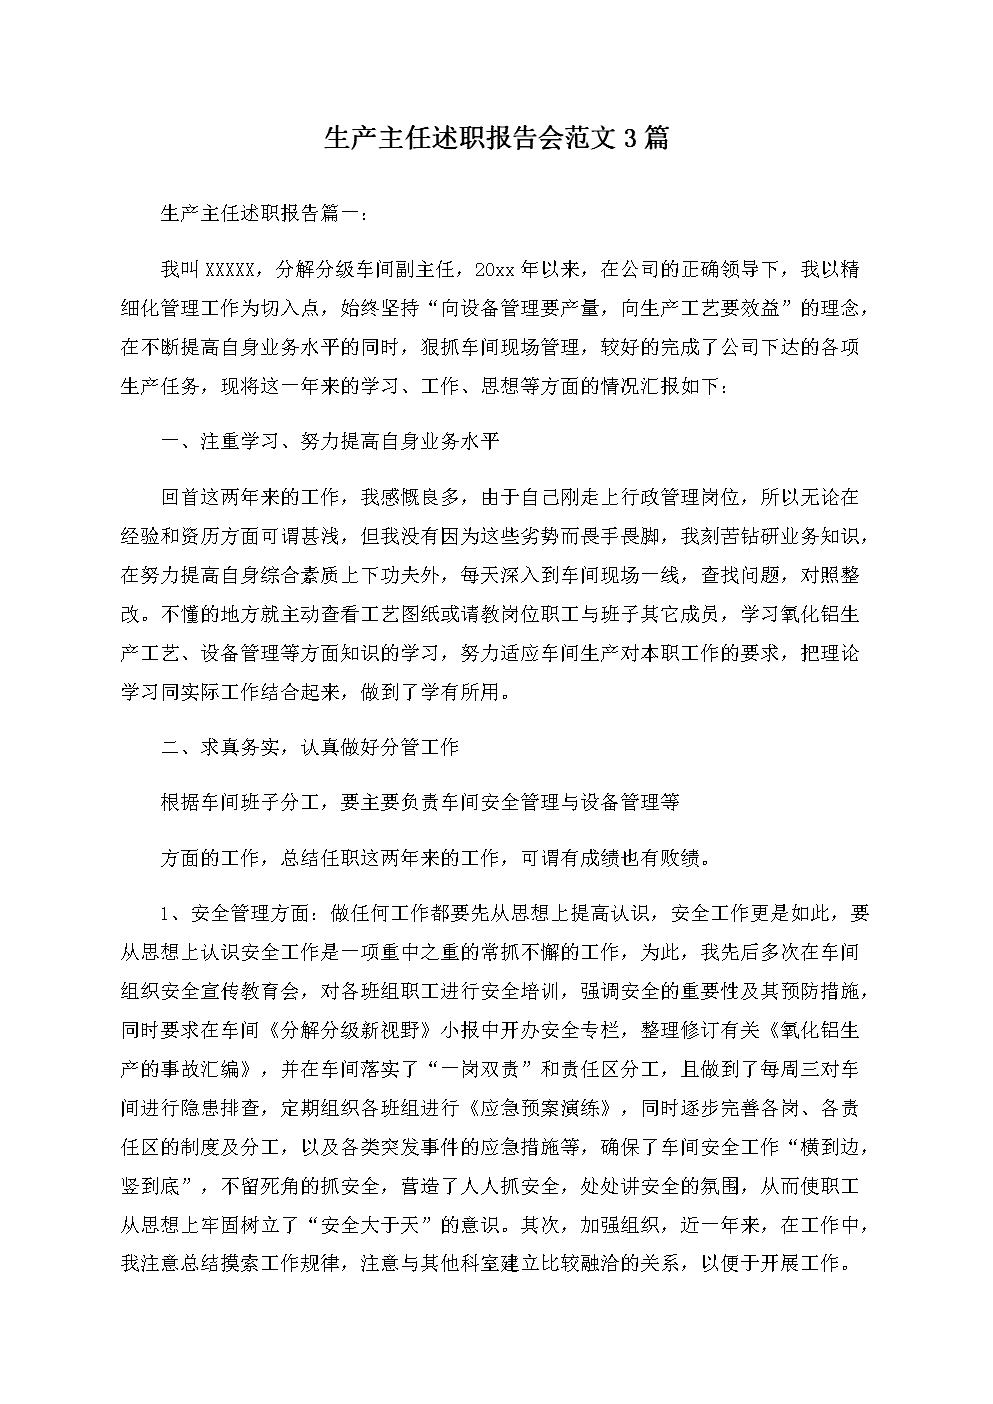 生产主任述职报告会3篇.docx